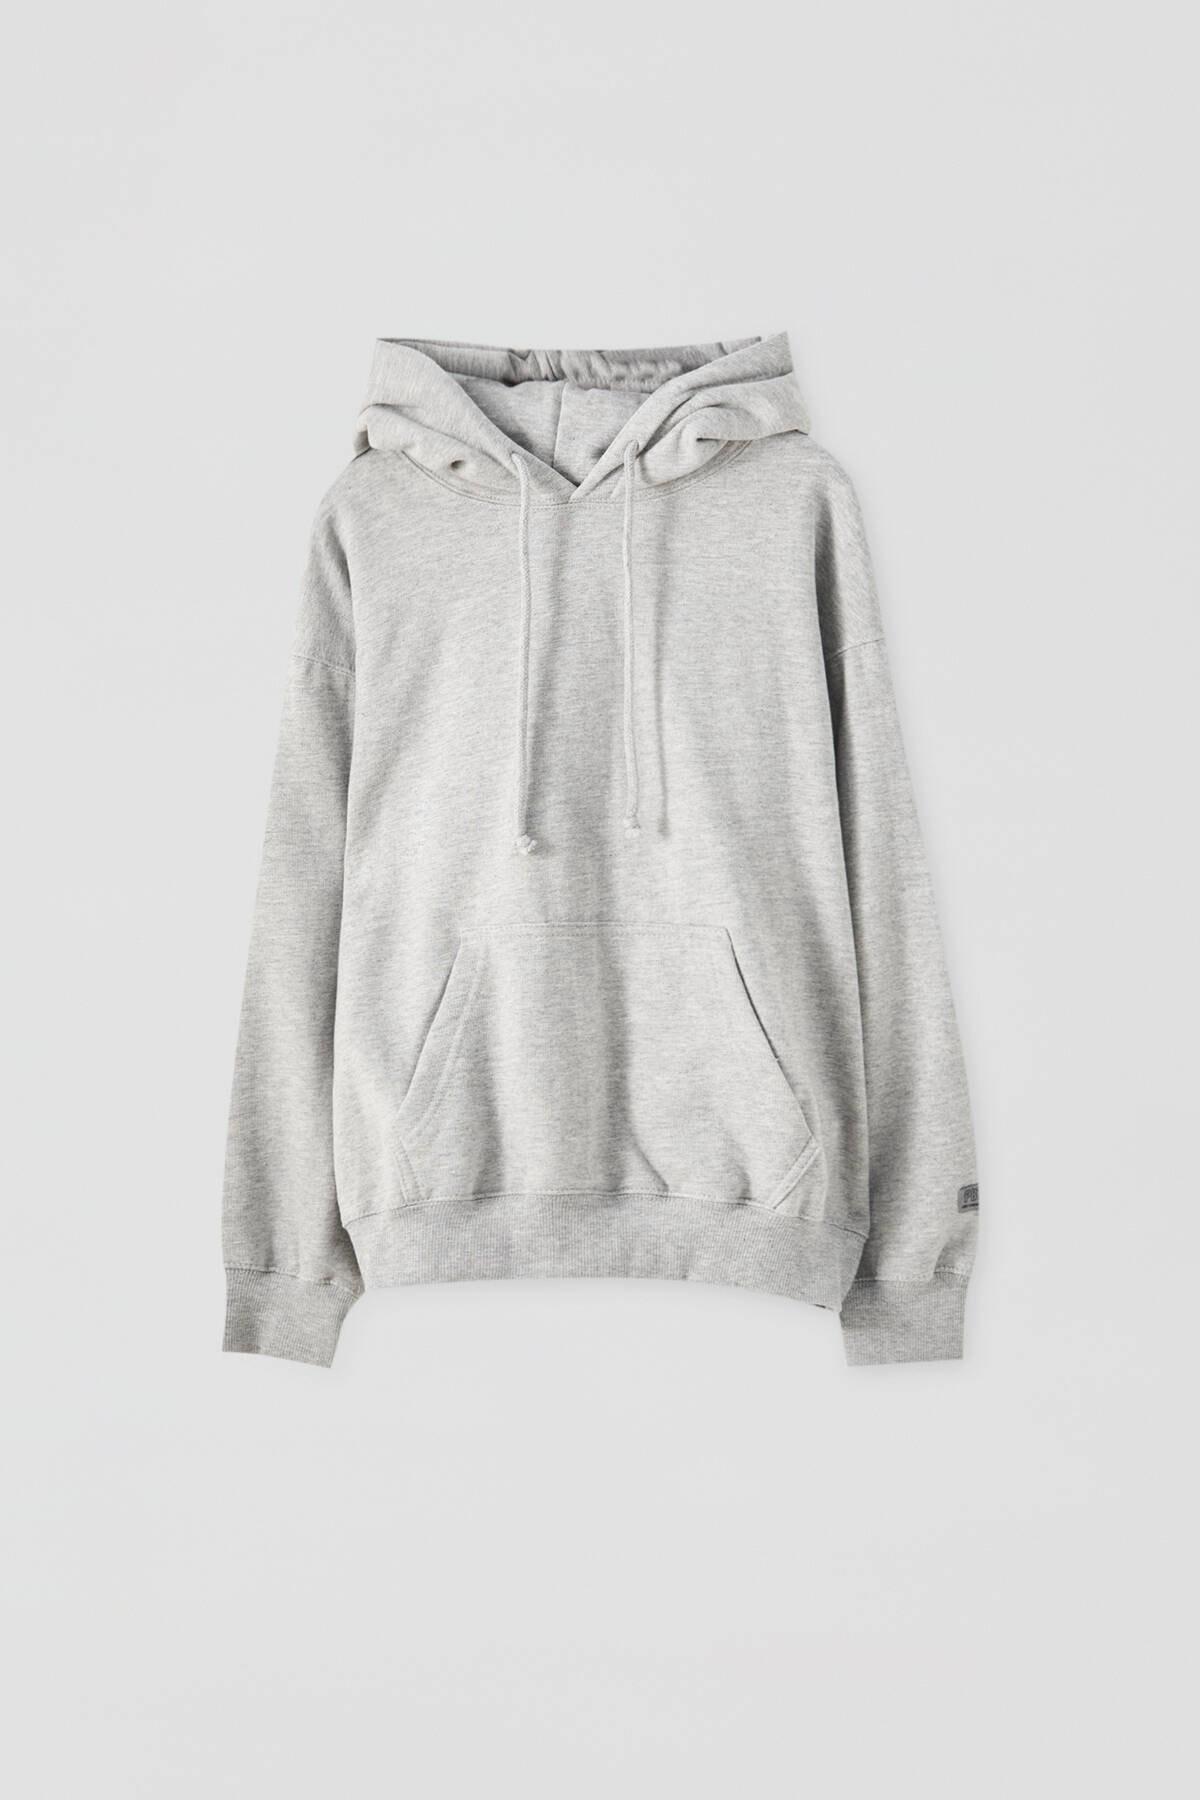 Pull & Bear Kadın Orta Melanj Basic Uzun Kollu Kapüşonlu Sweatshirt 09594301 4